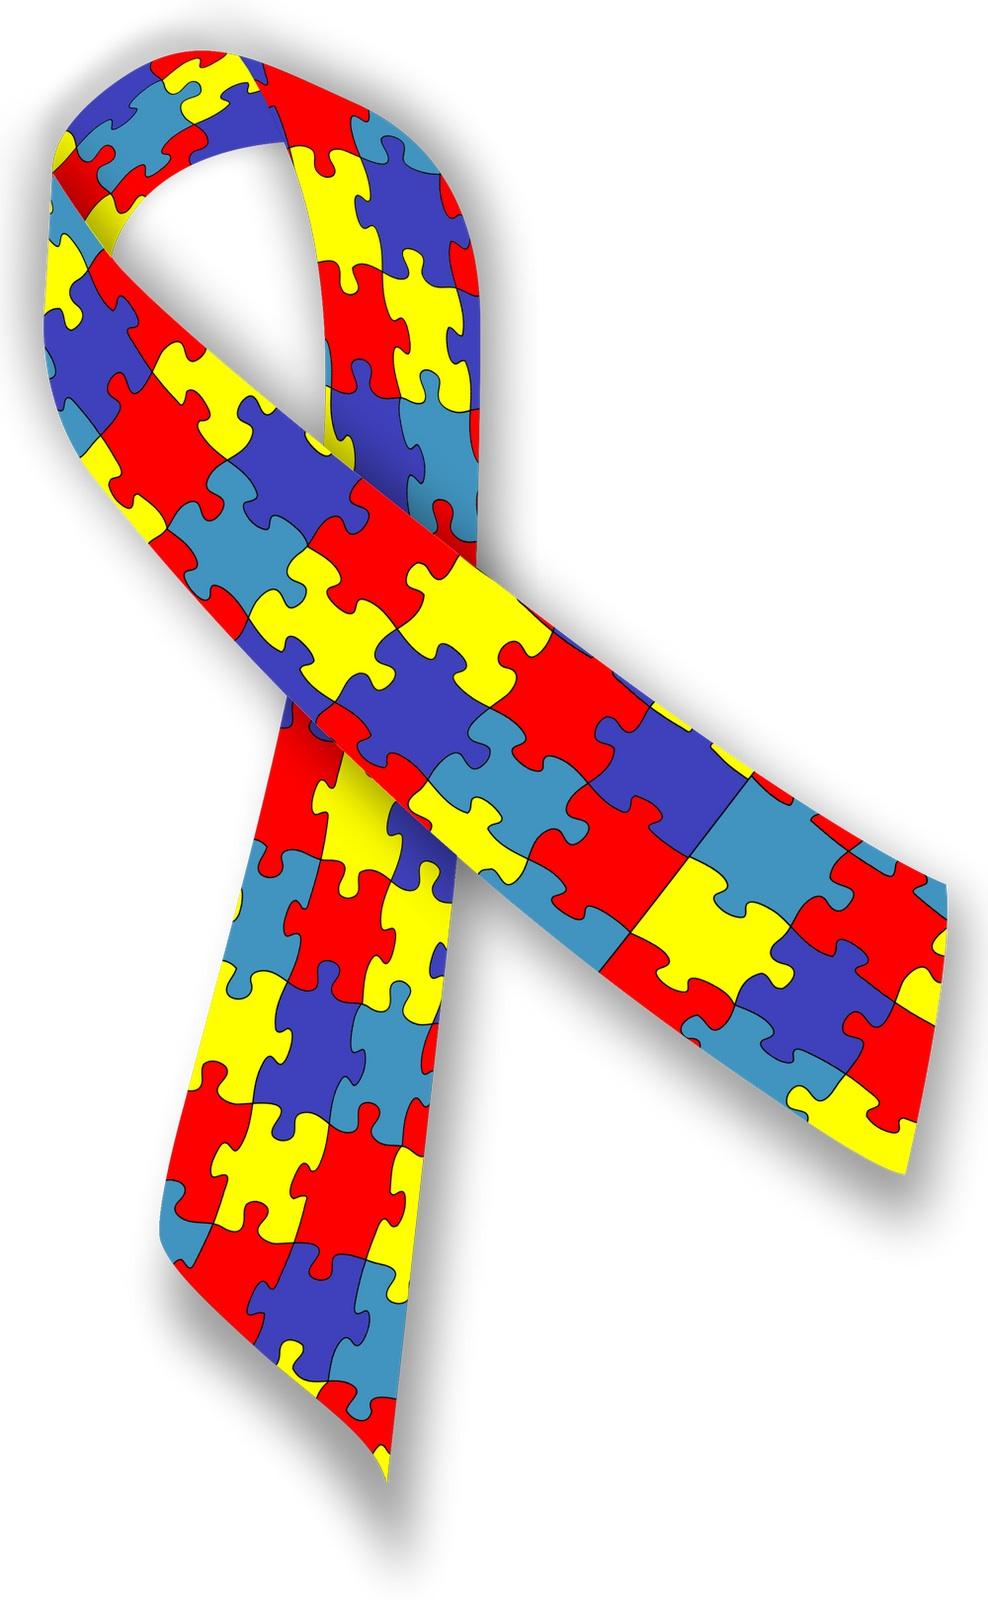 Porqué el puzzle es el símbolo del autismo? - Autismo PETRA